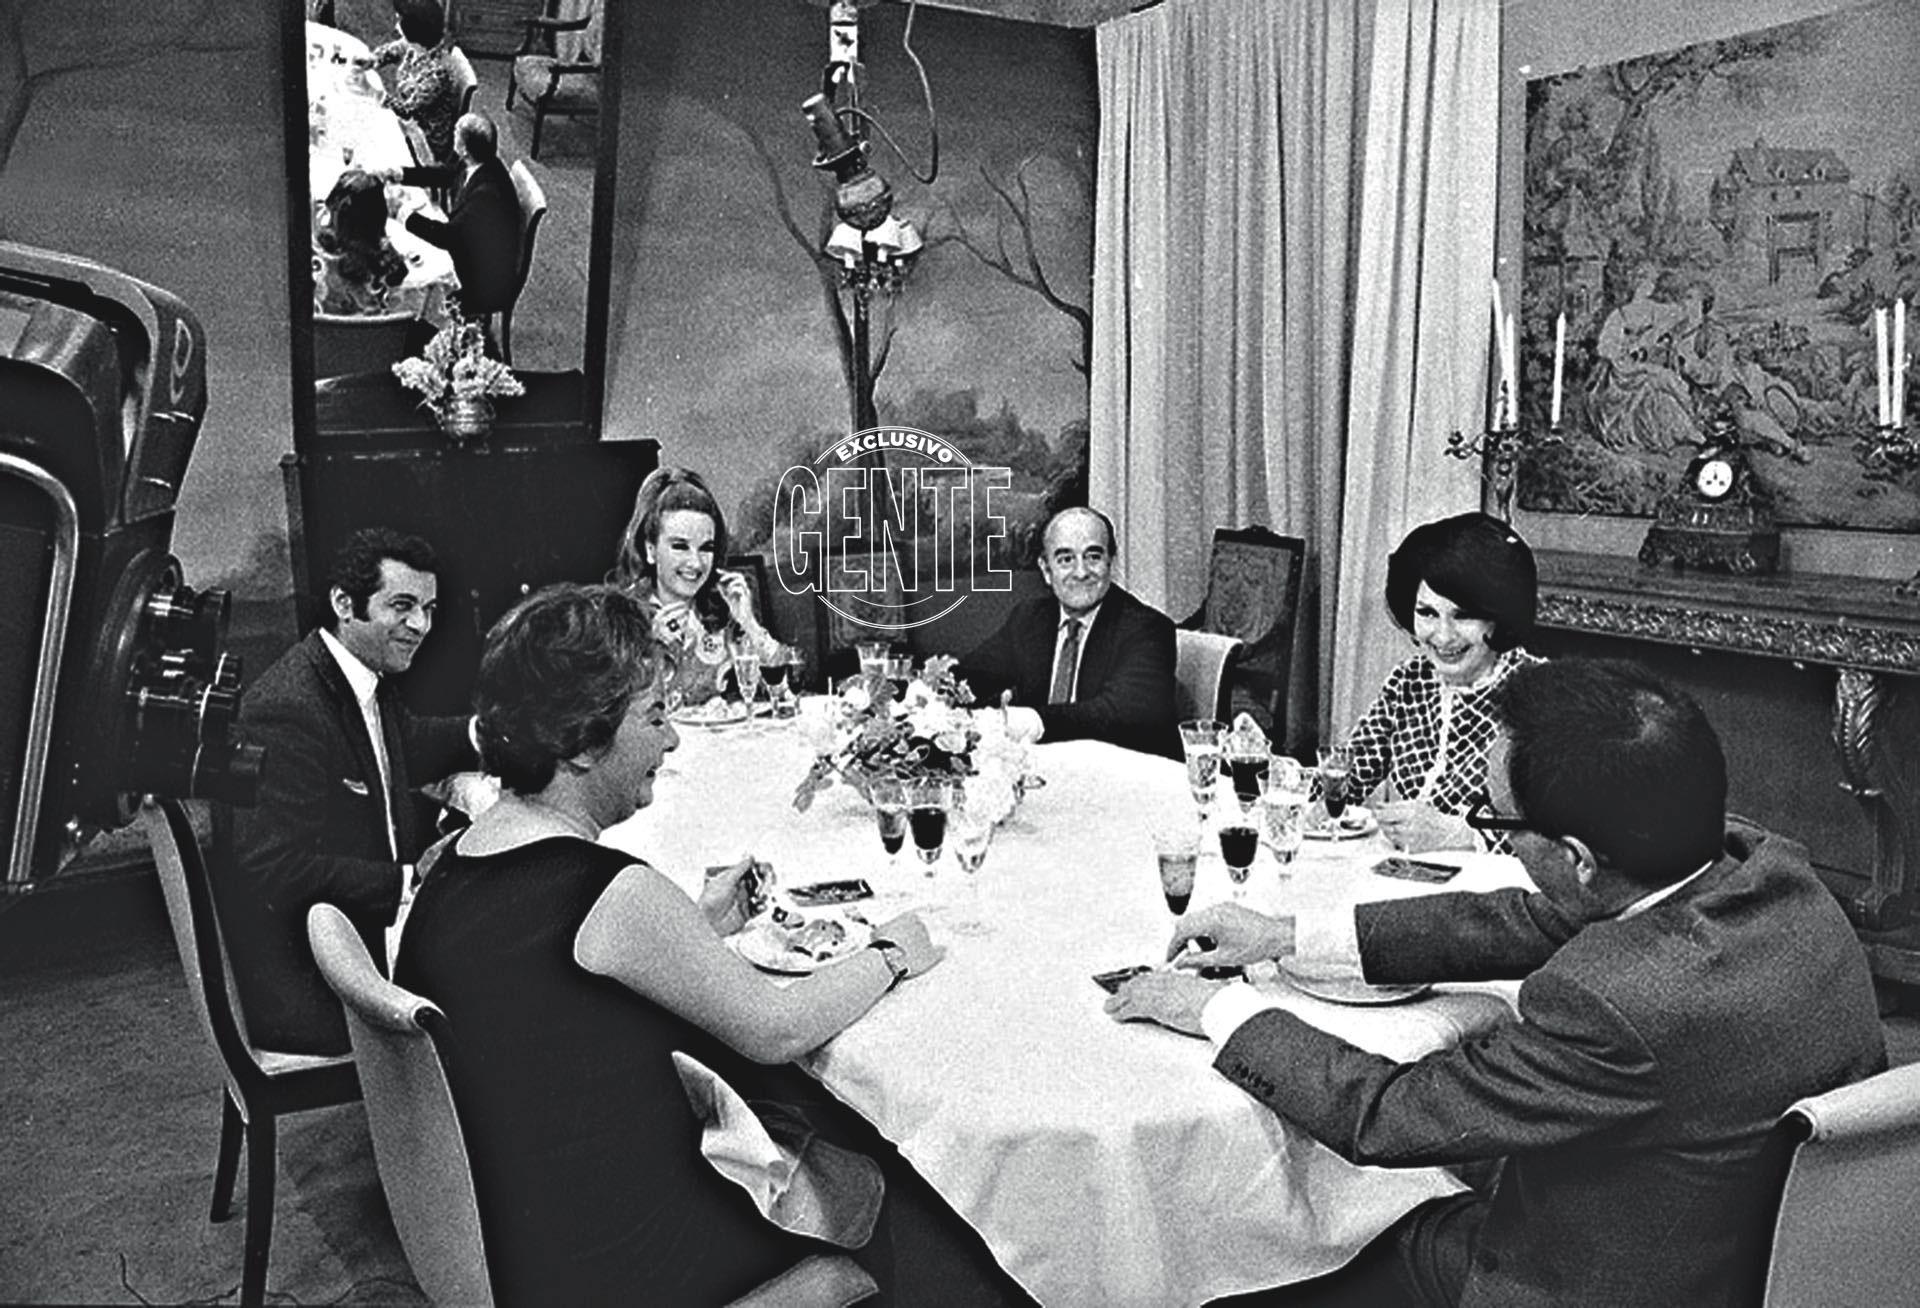 """""""¡No puedo firmar un contrato para hacer un programa comiendo!"""", respondió Mirtha ante Alejandro Romay y Samuel Yankelevich, directivos de Canal 9 en aquel 1968."""